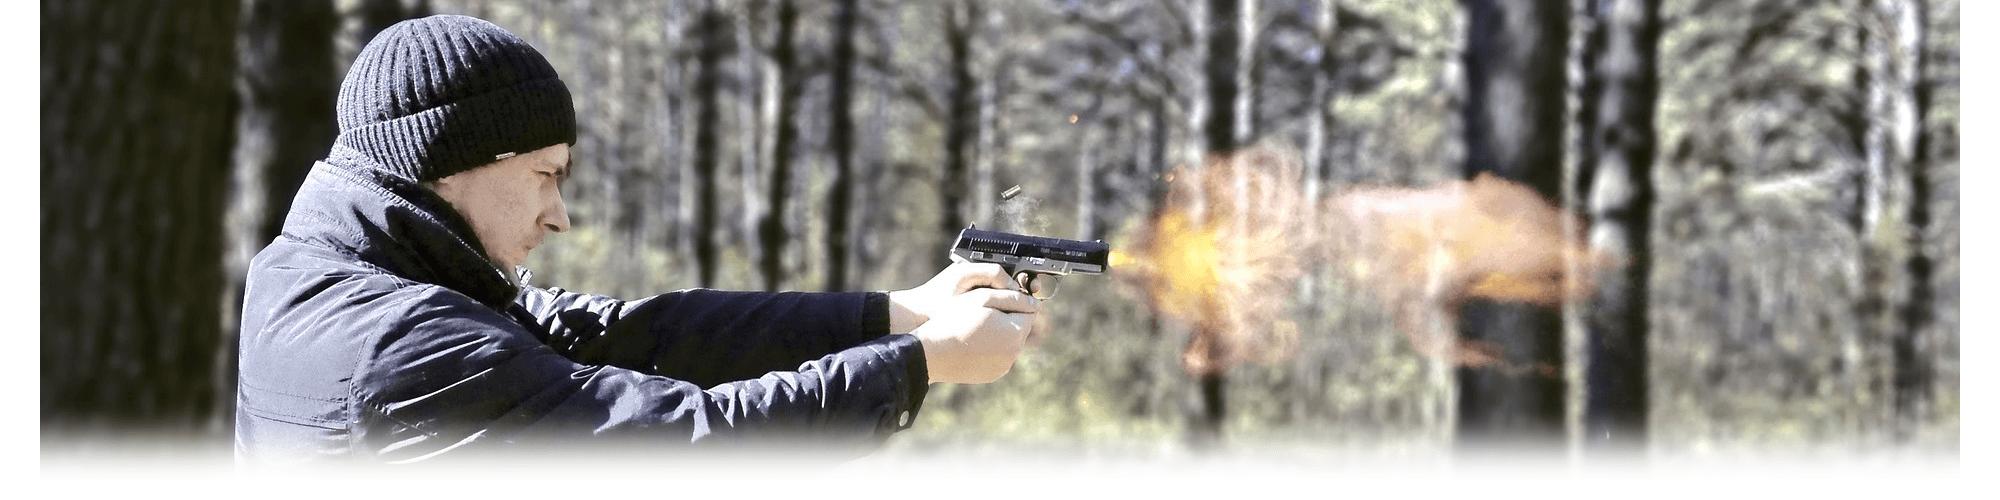 Pistool schieten